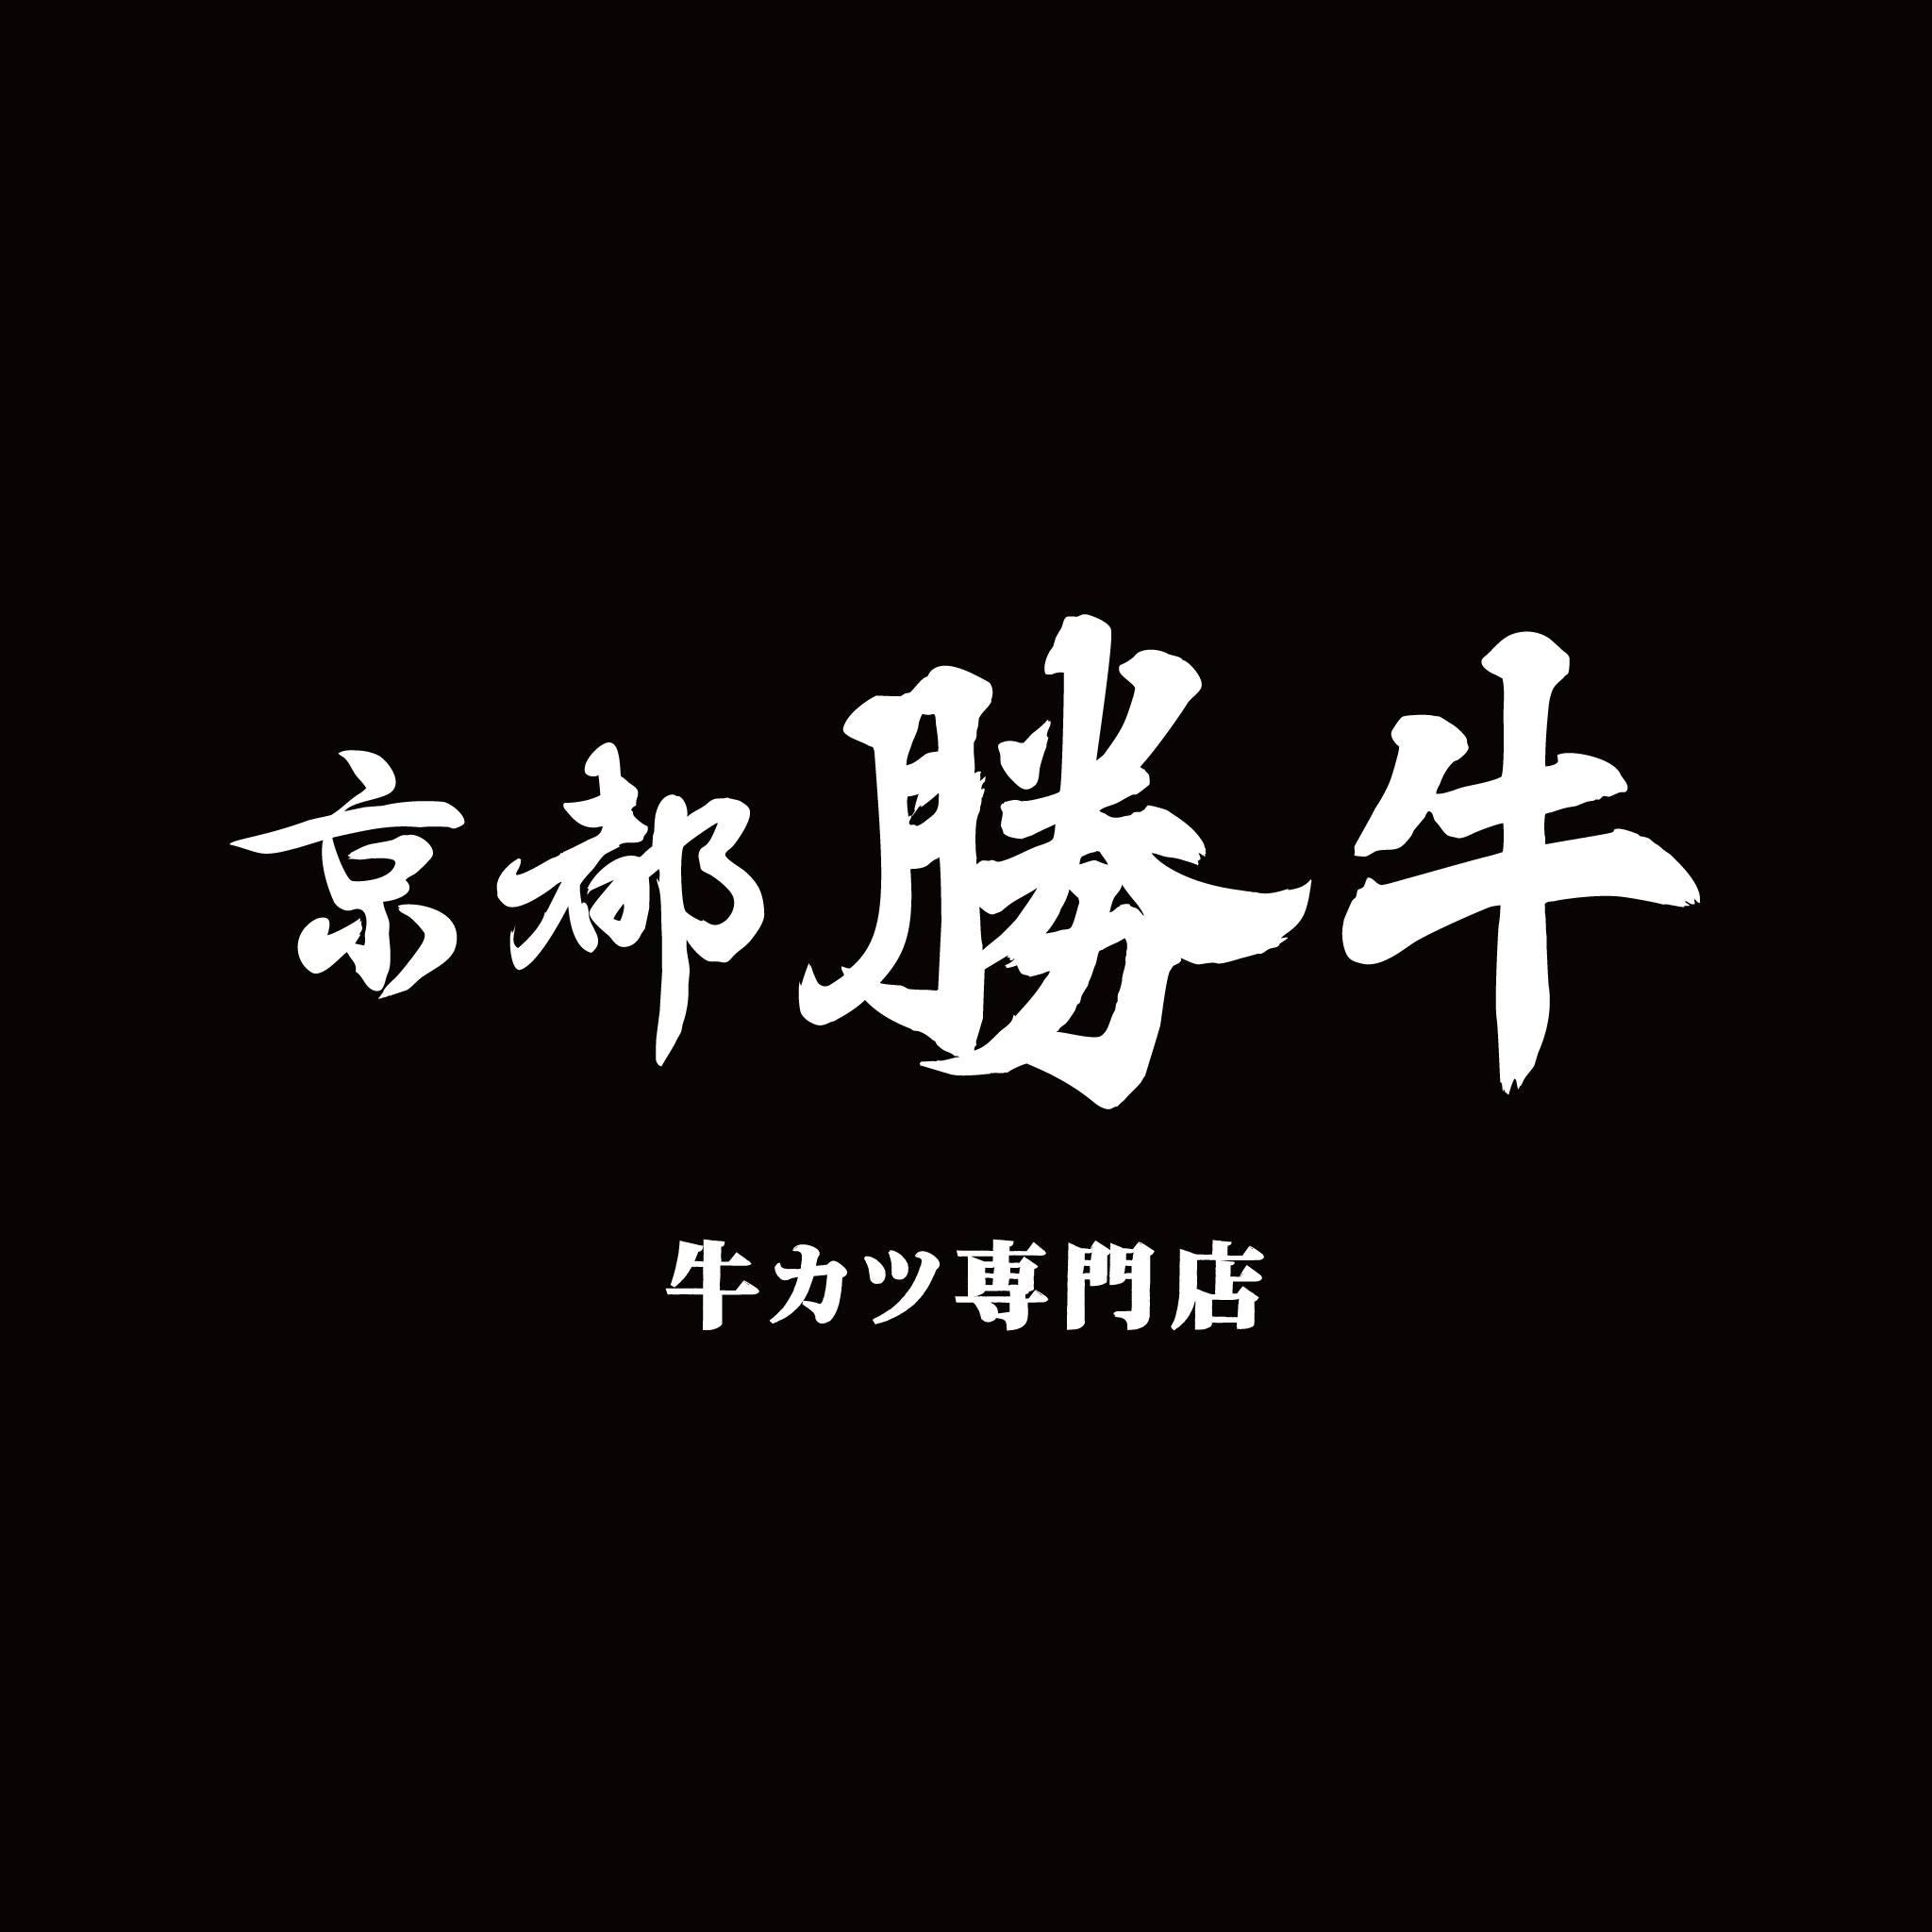 【菜單】京都勝牛菜單|京都勝牛2021年價目表|分店據點|京都勝牛